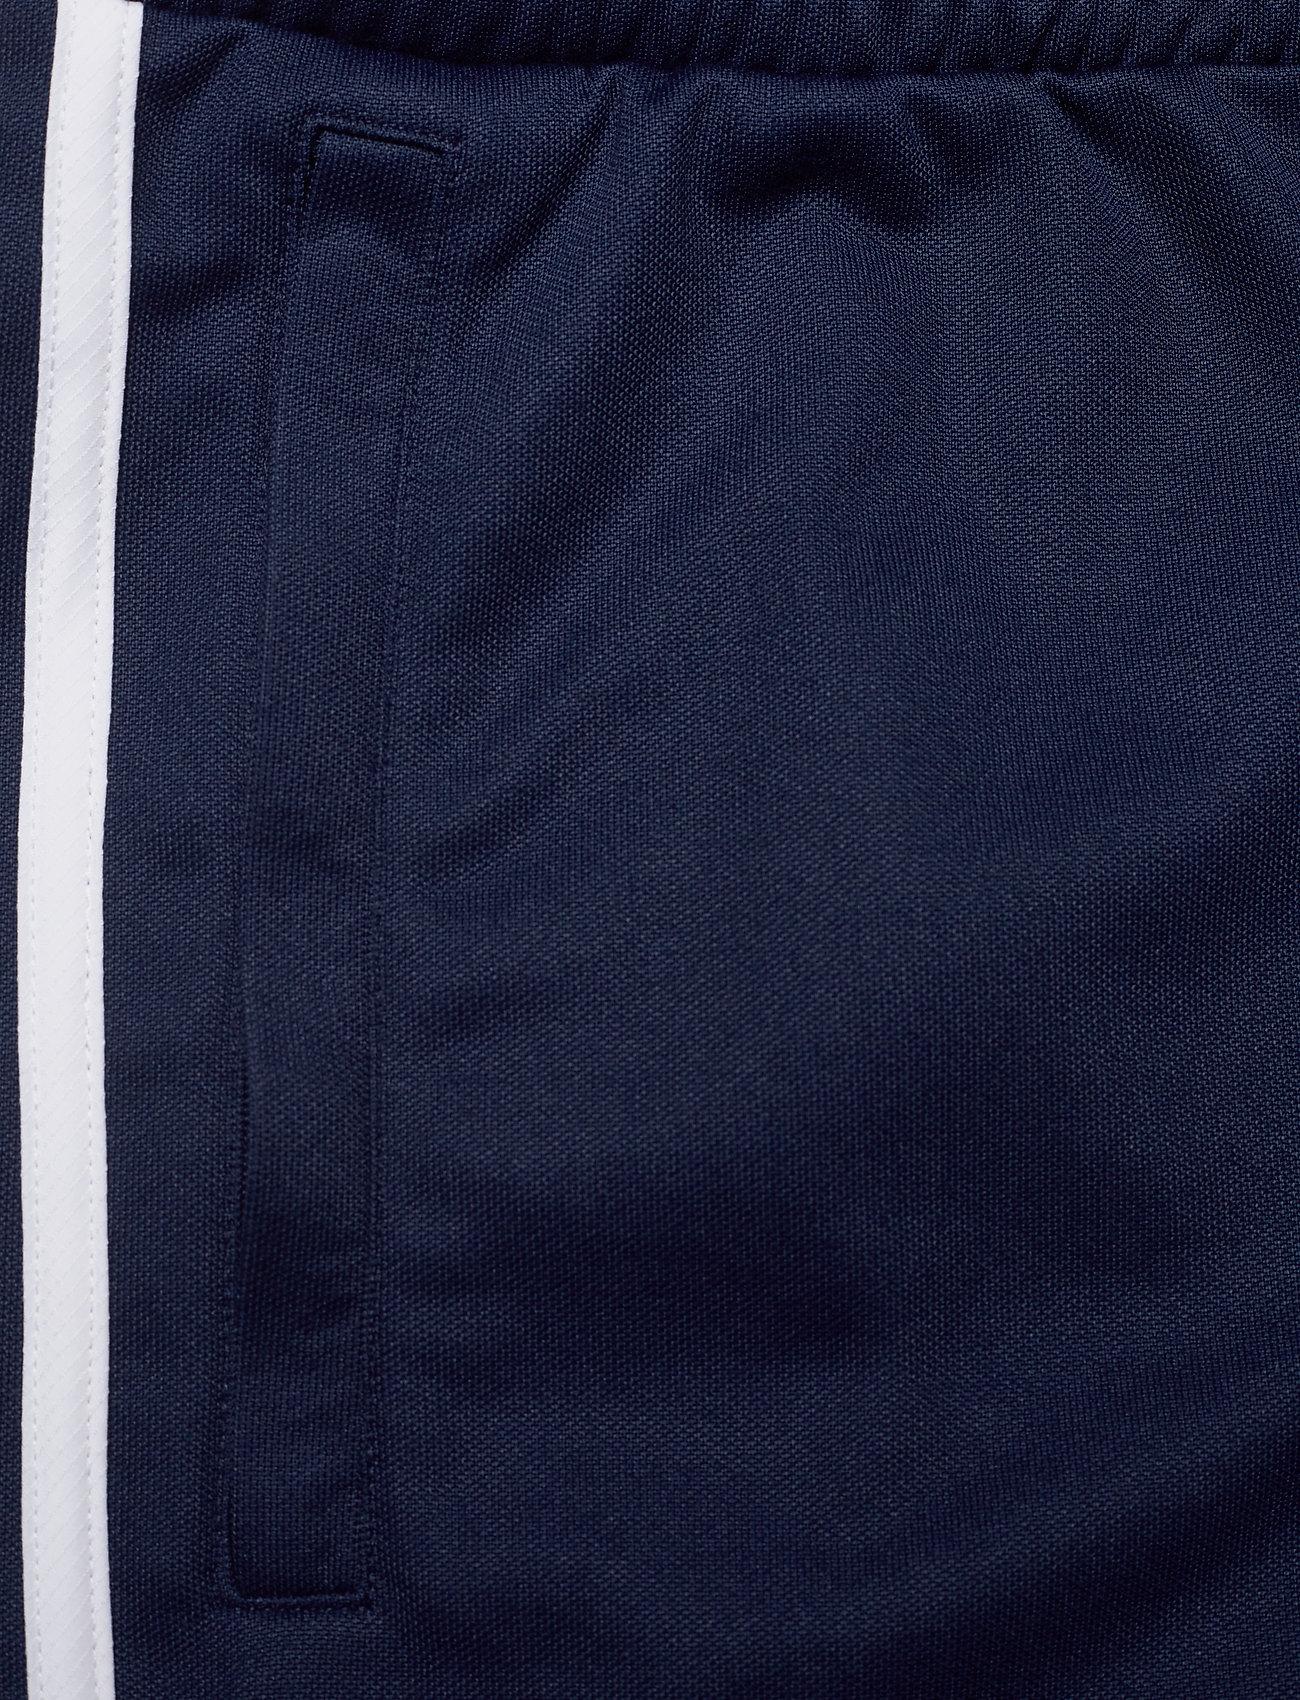 Adidas Originals Bandrix Tp - Joggingbyxor Nindig